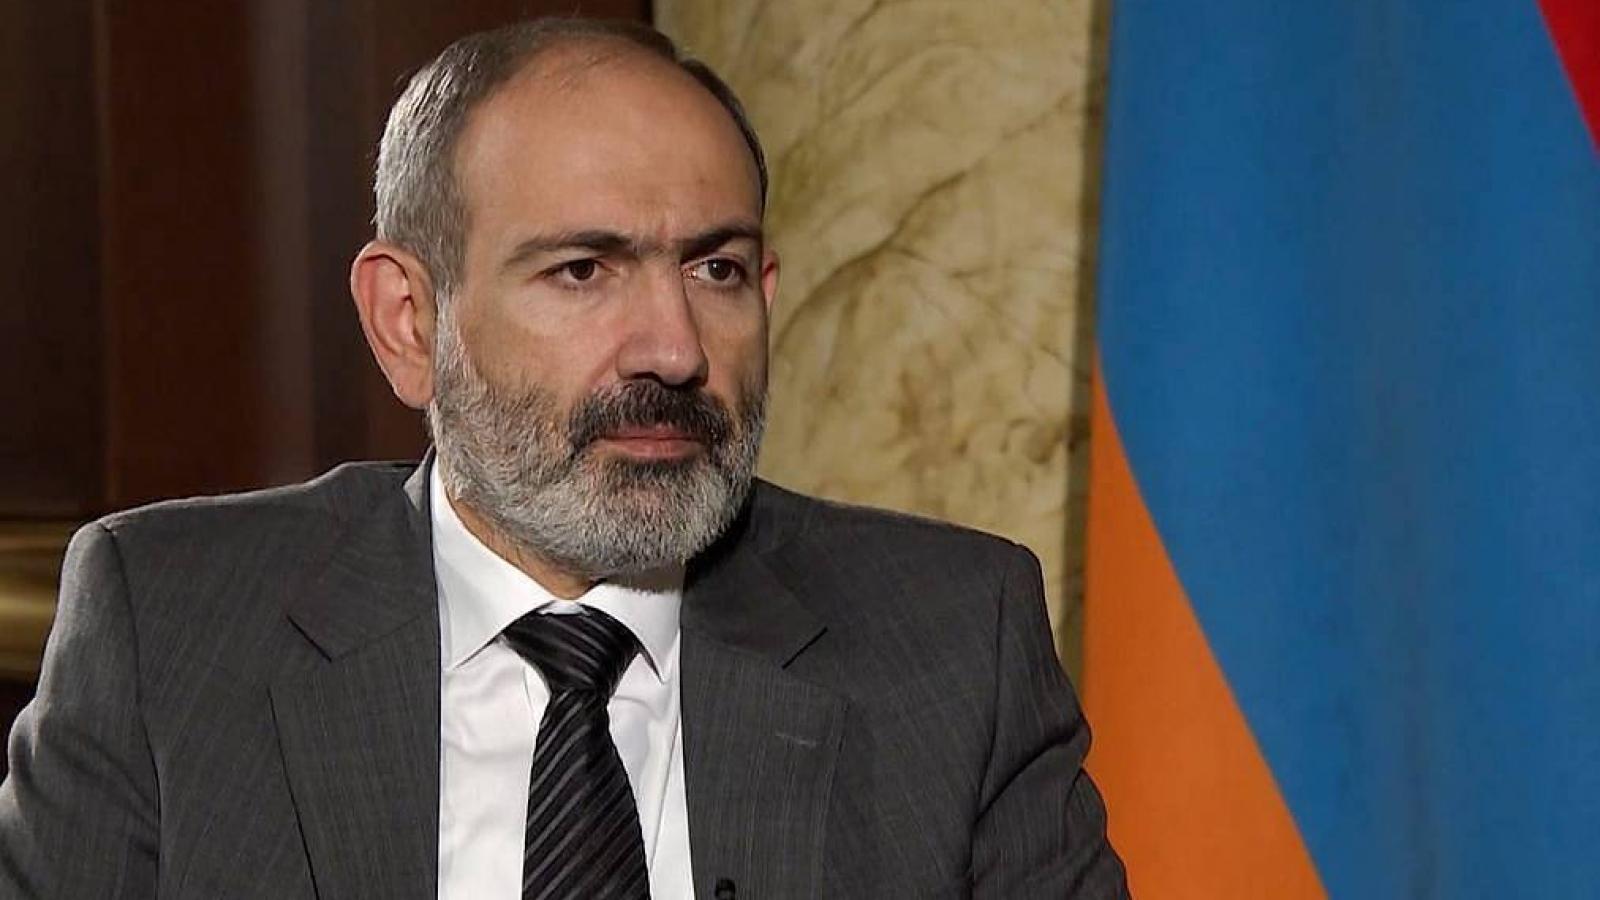 Cơ quan An ninh quốc gia Armenia ngăn chặn âm mưu ám sát Thủ tướng N.Pashinyan